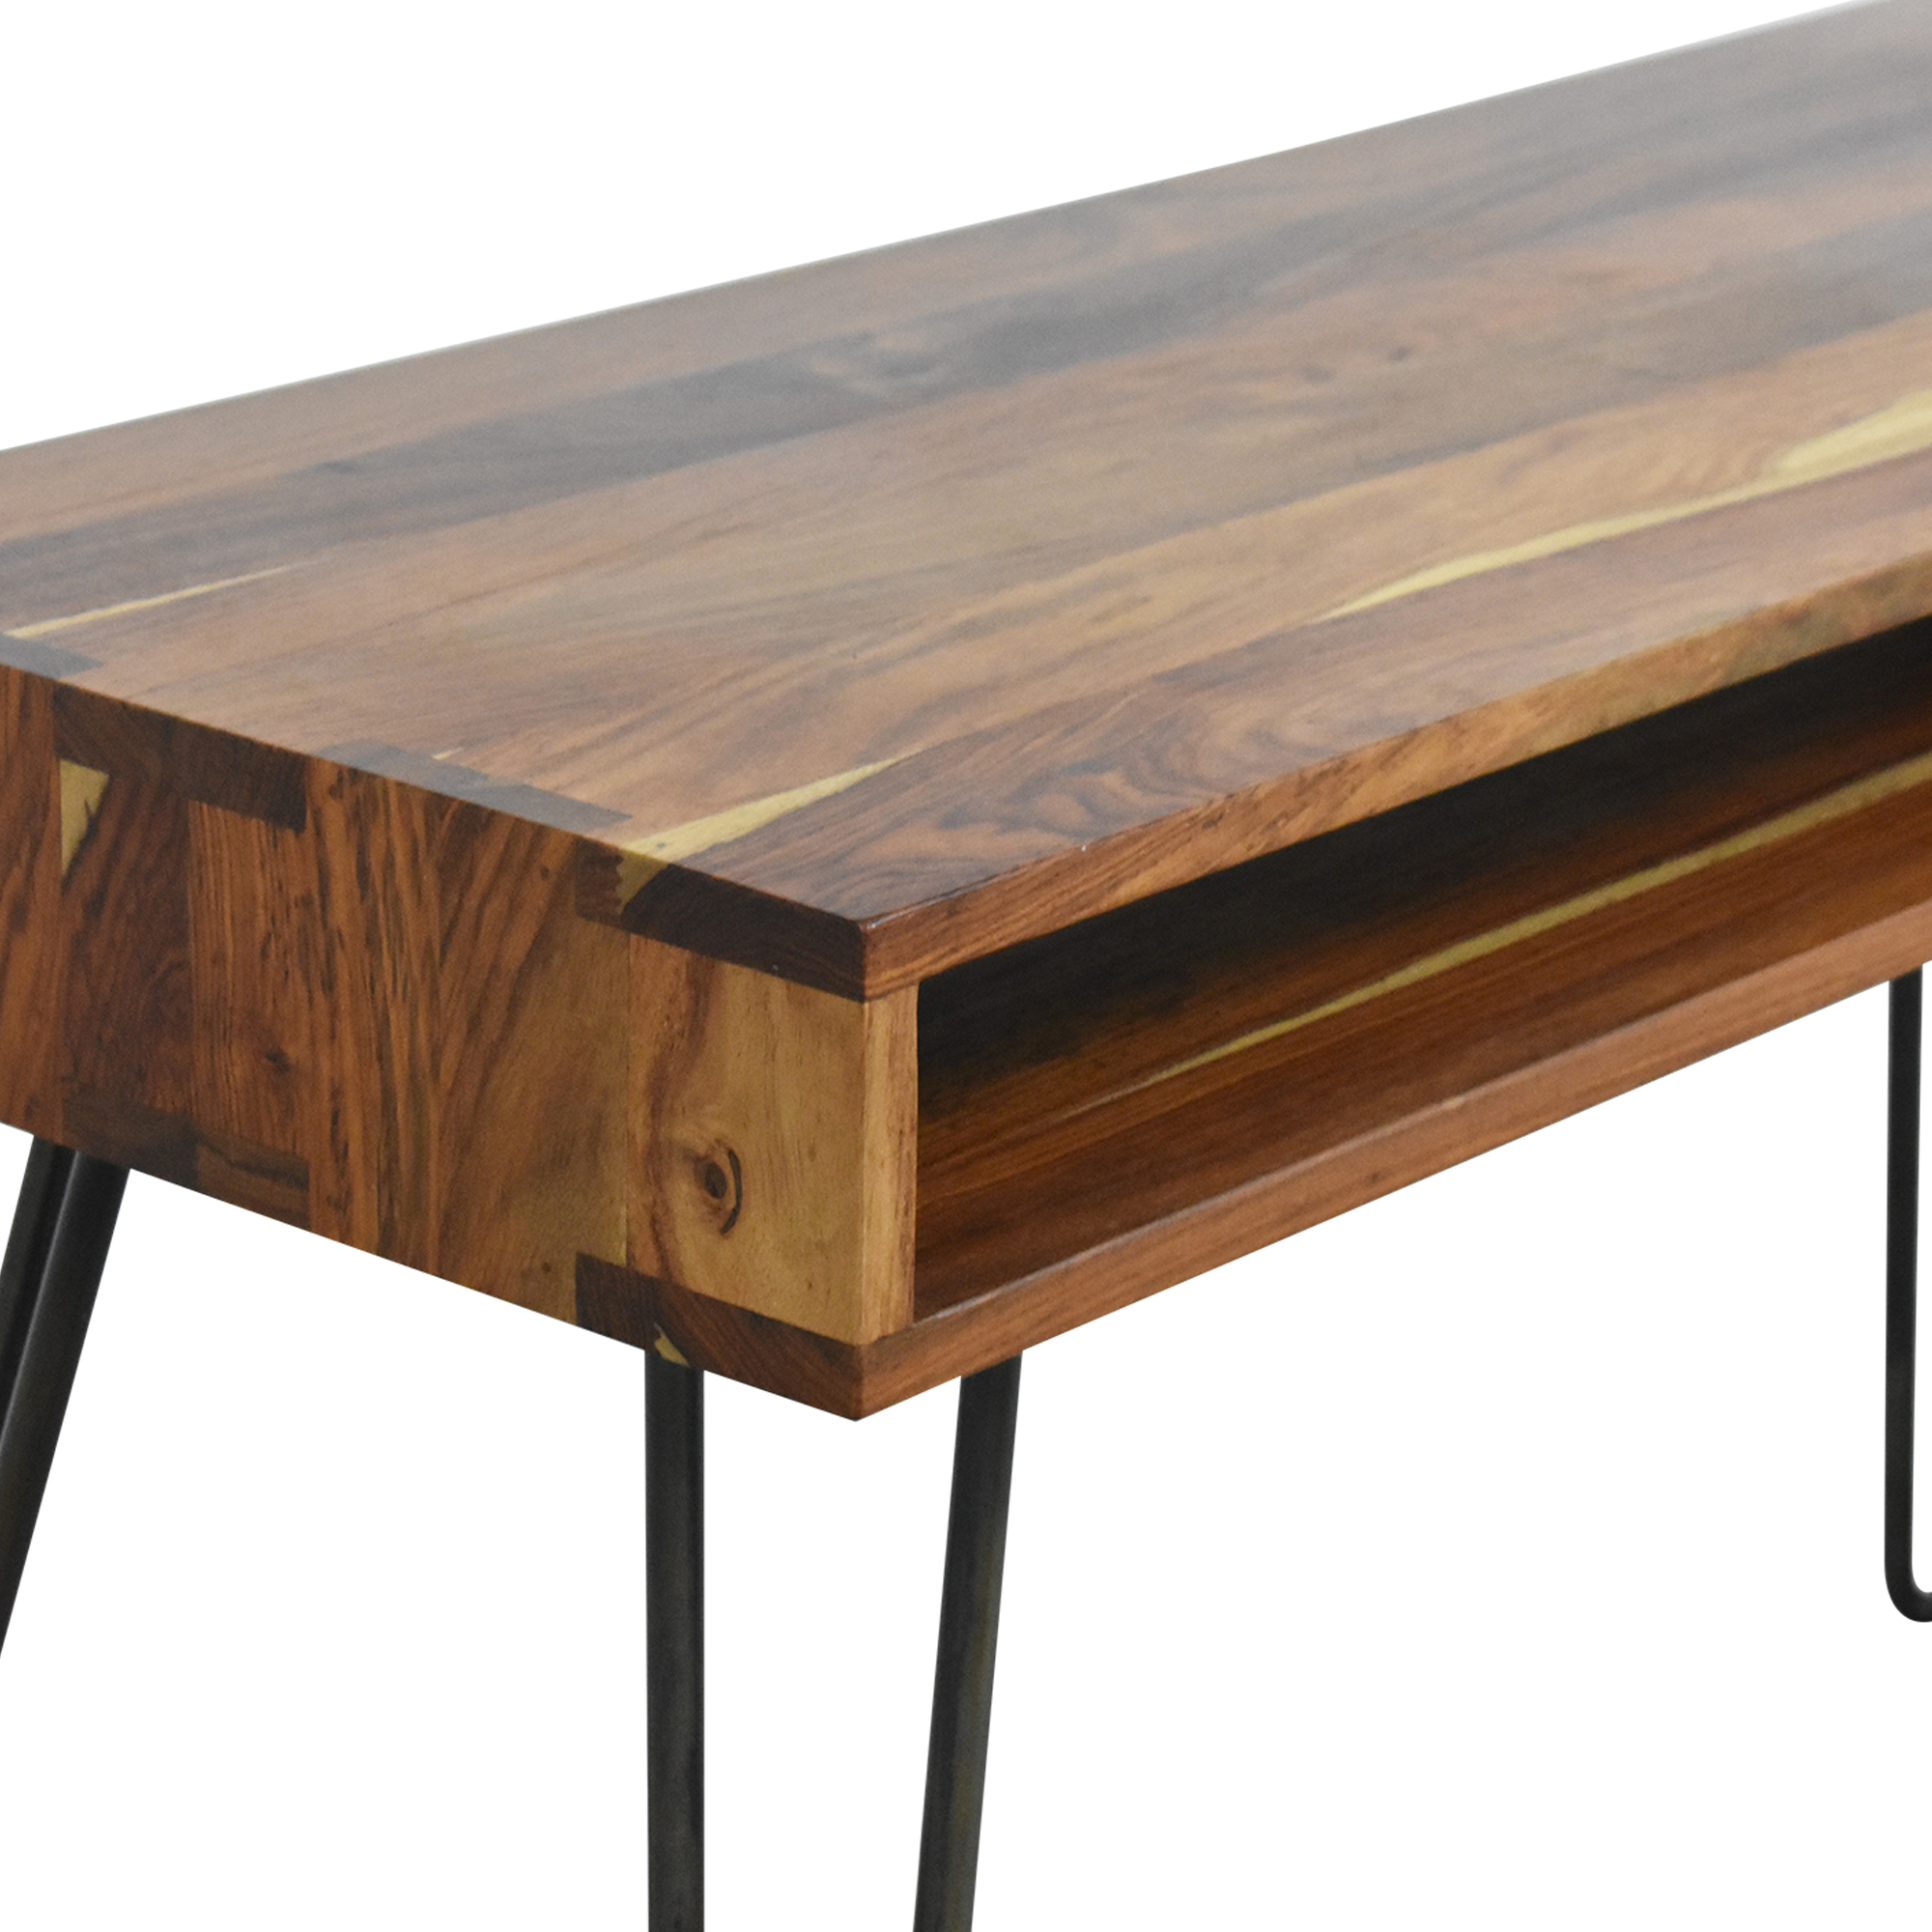 Brooklyn City Furniture Brooklyn City Furniture Ciao Desk nj